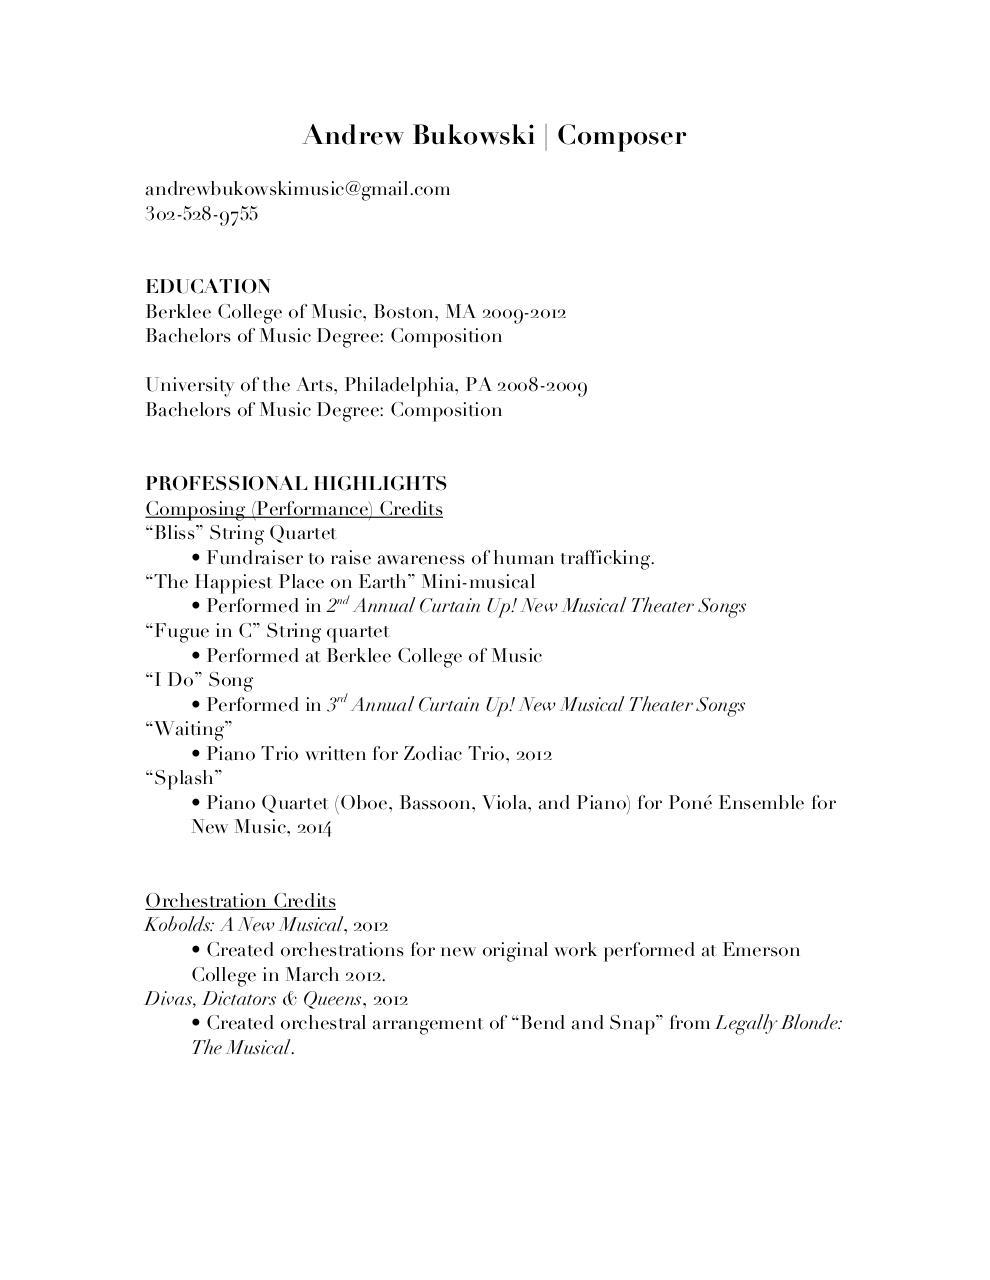 Andrew Bukowski Music Resume Andrew Bukowski Music Resumepdf – Music Resume